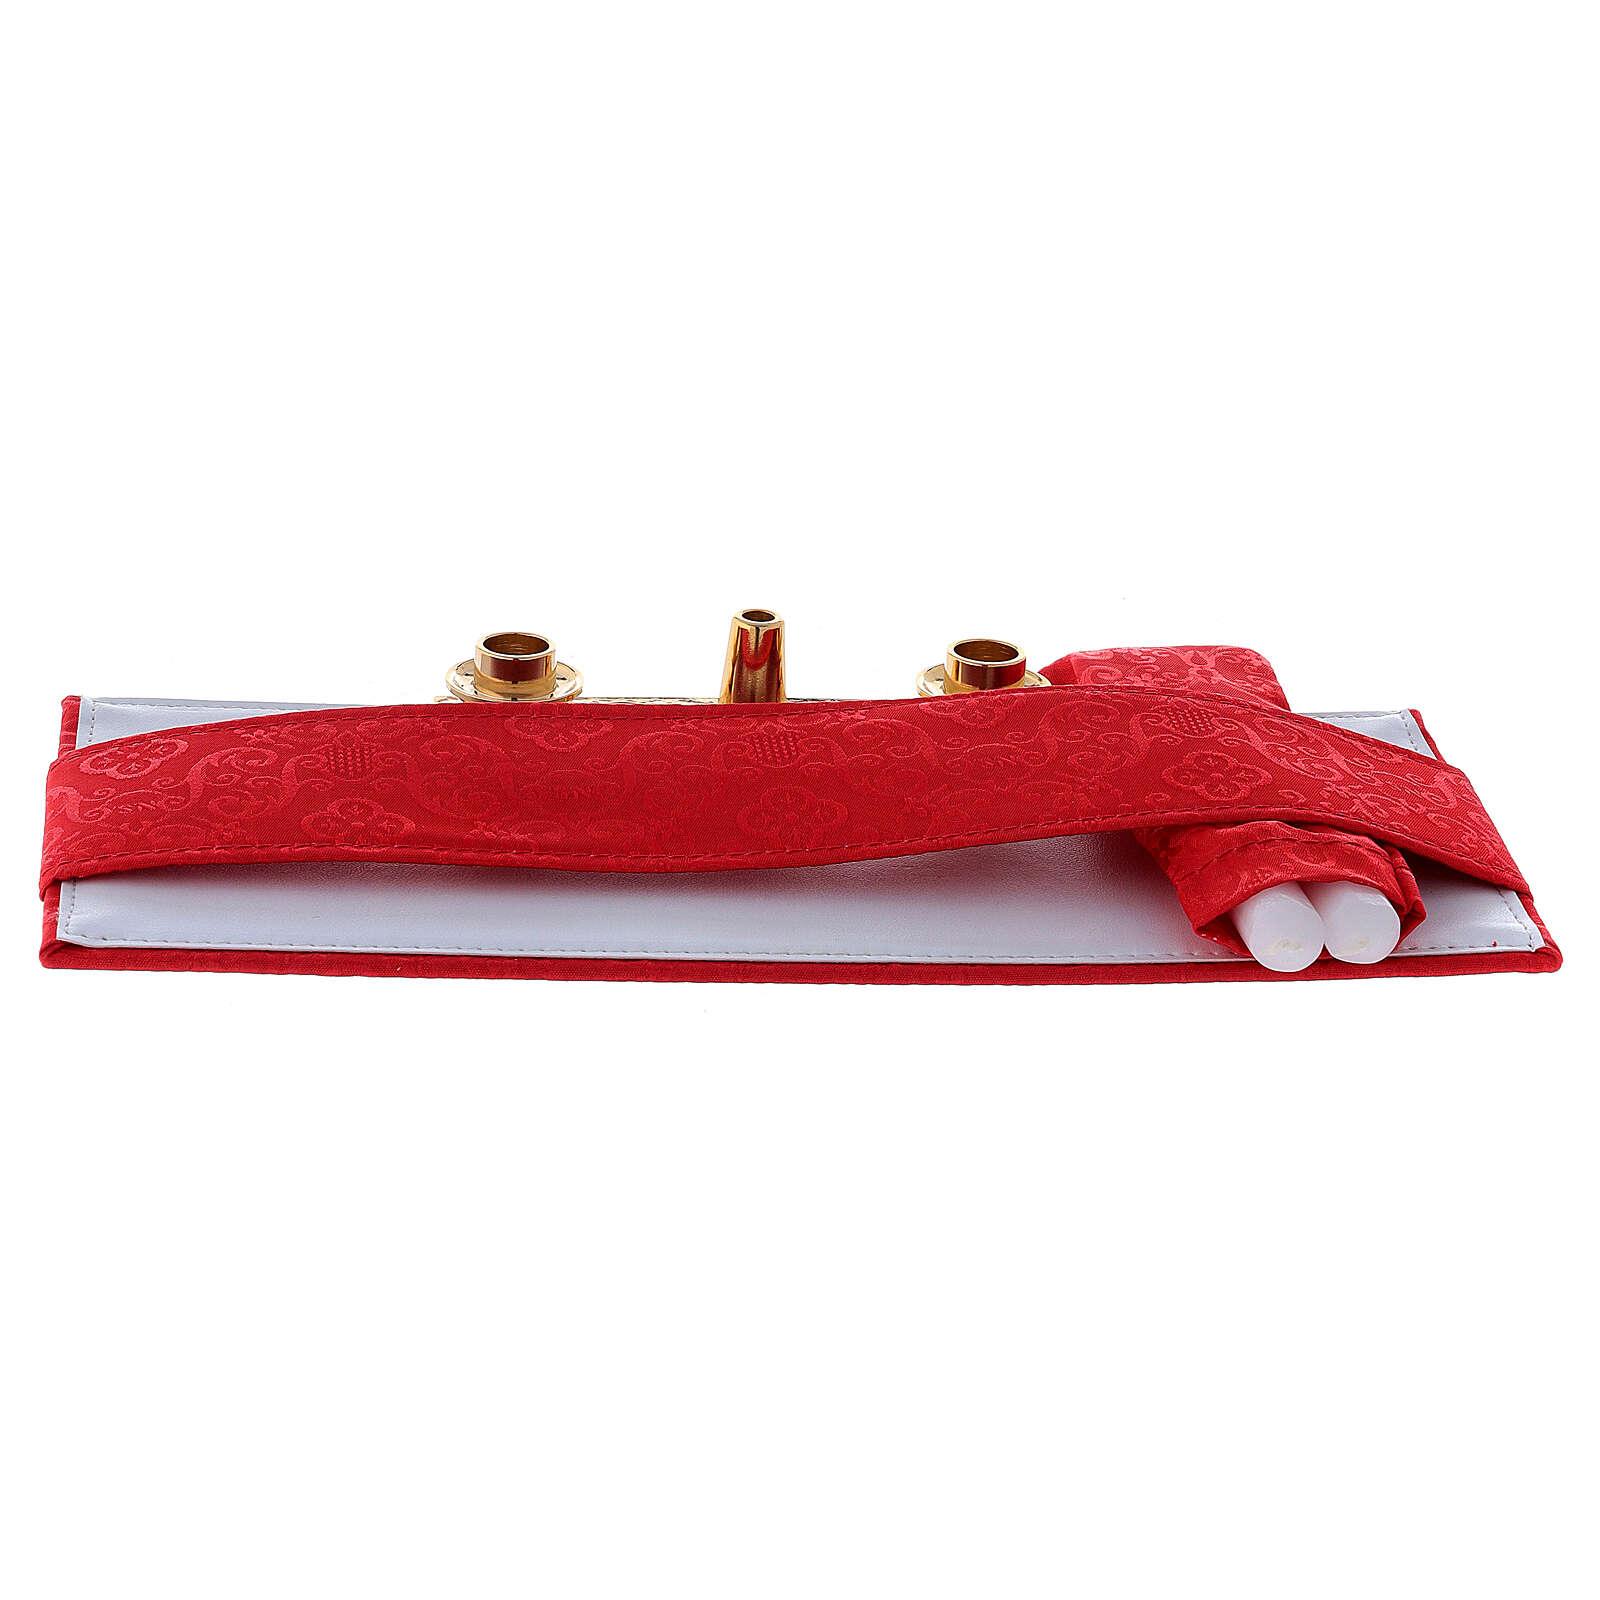 Maleta modelo 24 horas para celebración jacquard rojo 3